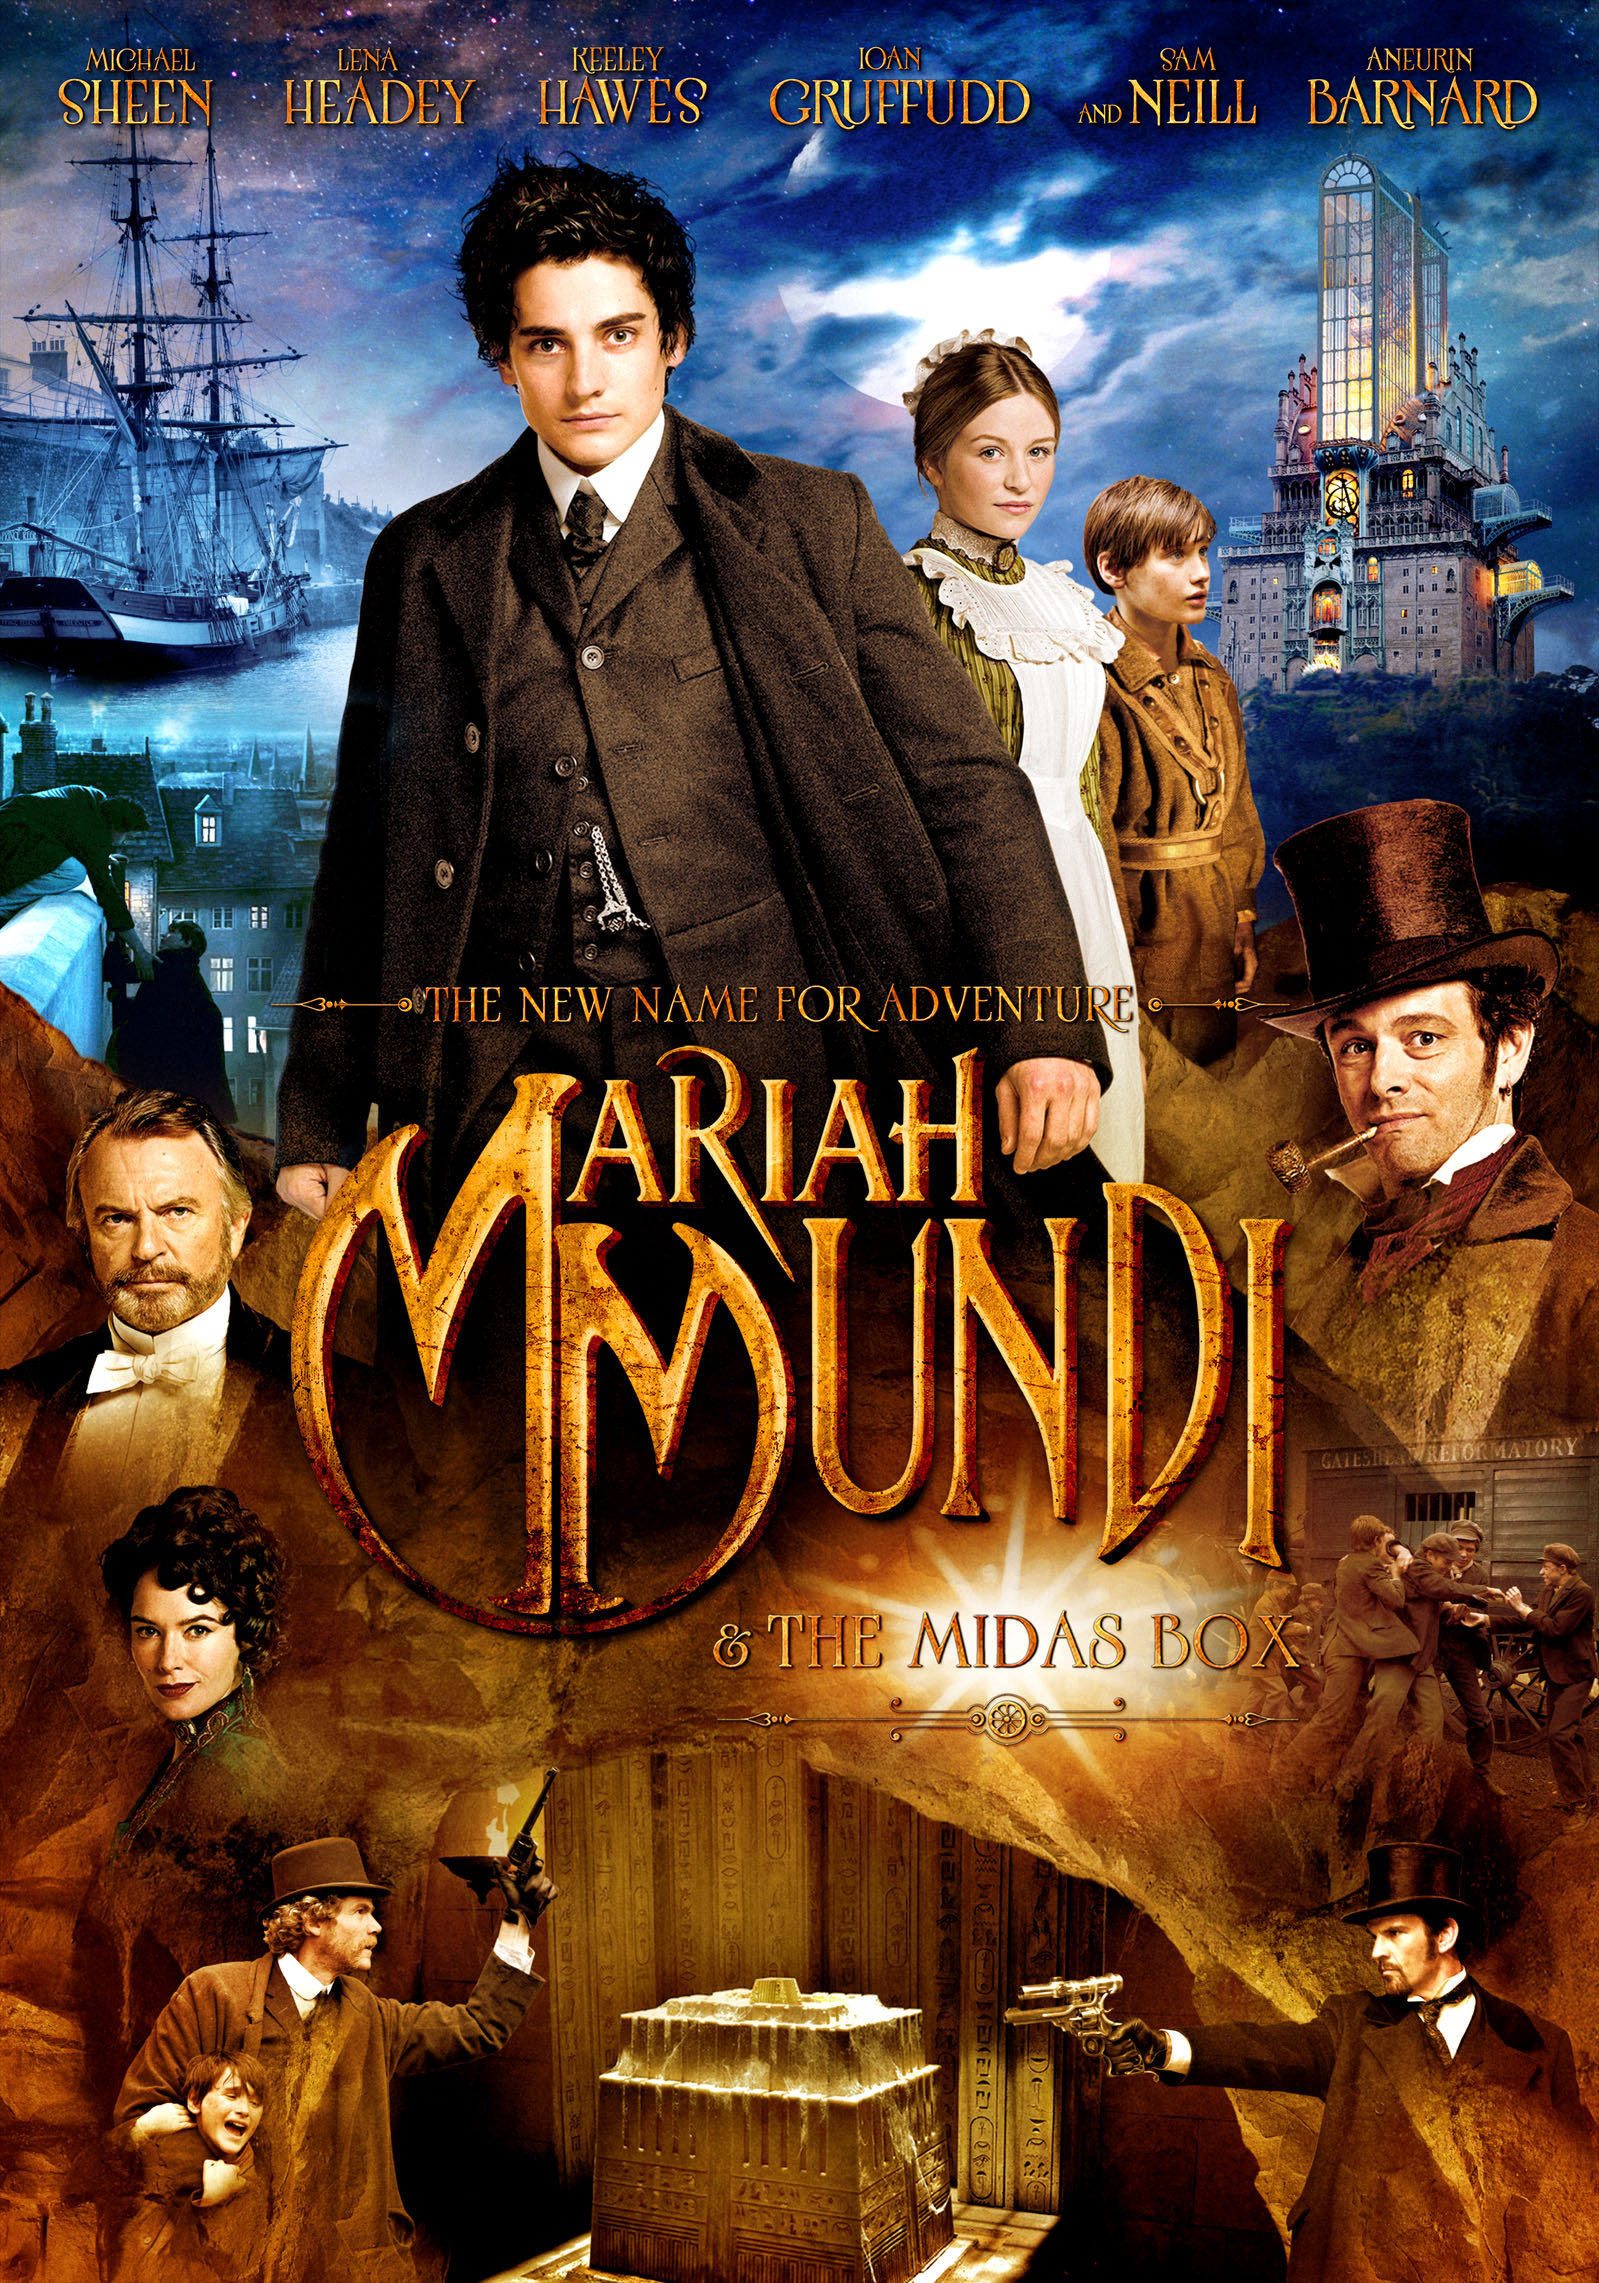 плакат фильма постер Мэрайа Мунди и шкатулка Мидаса